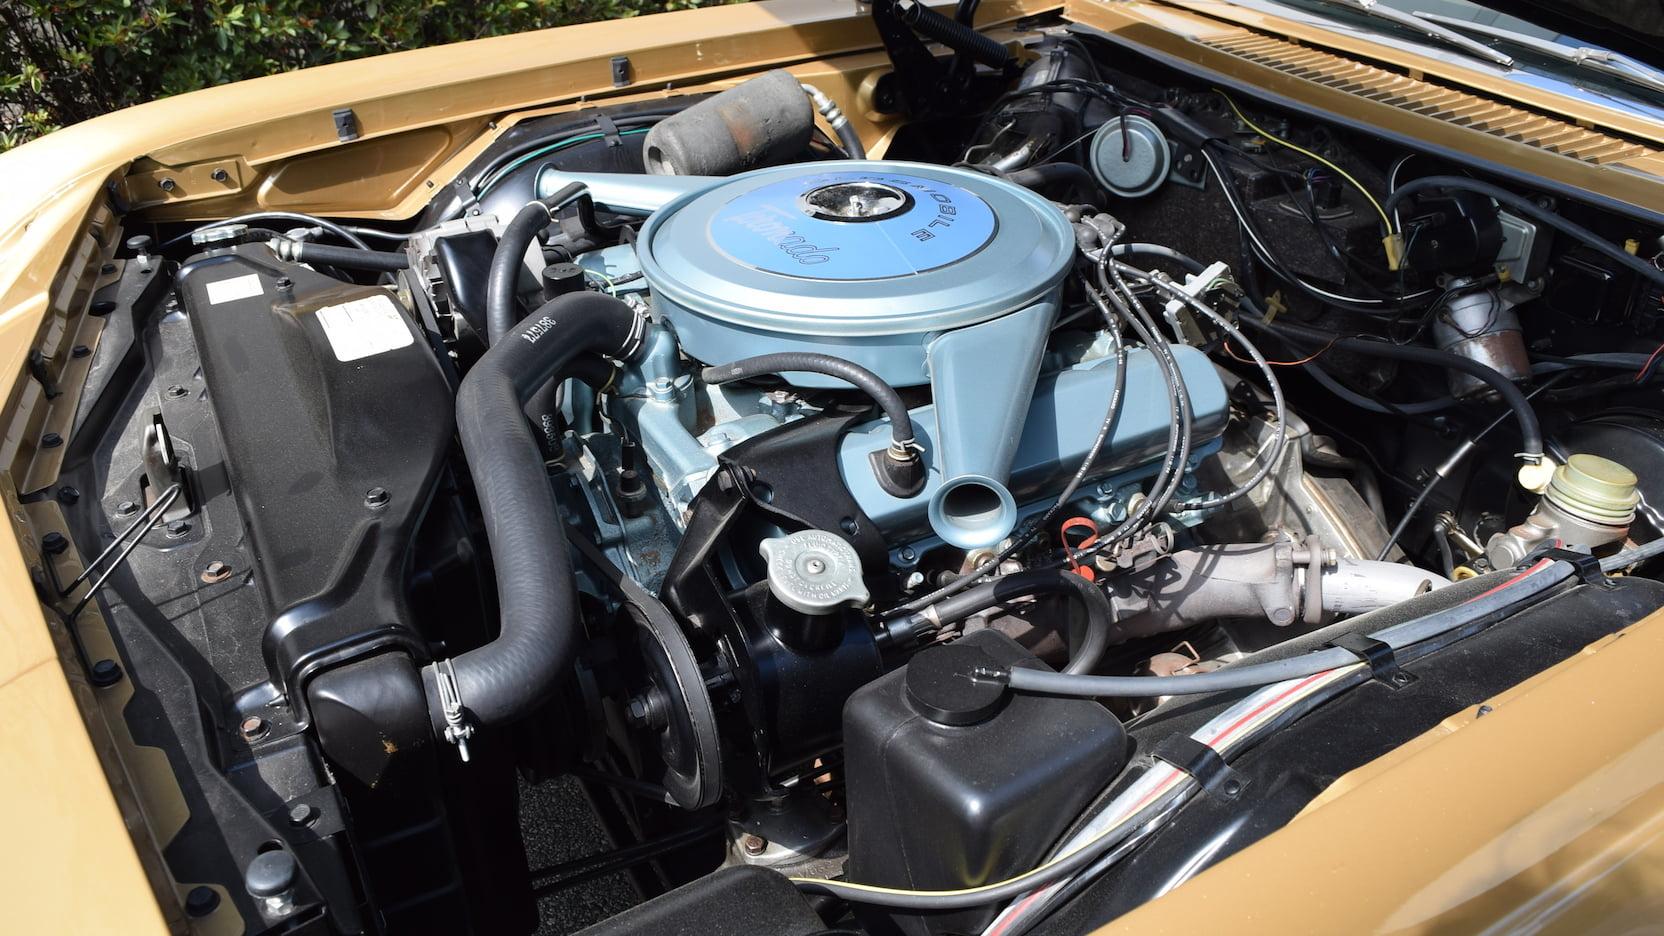 1966 Oldsmobile Toronado engine